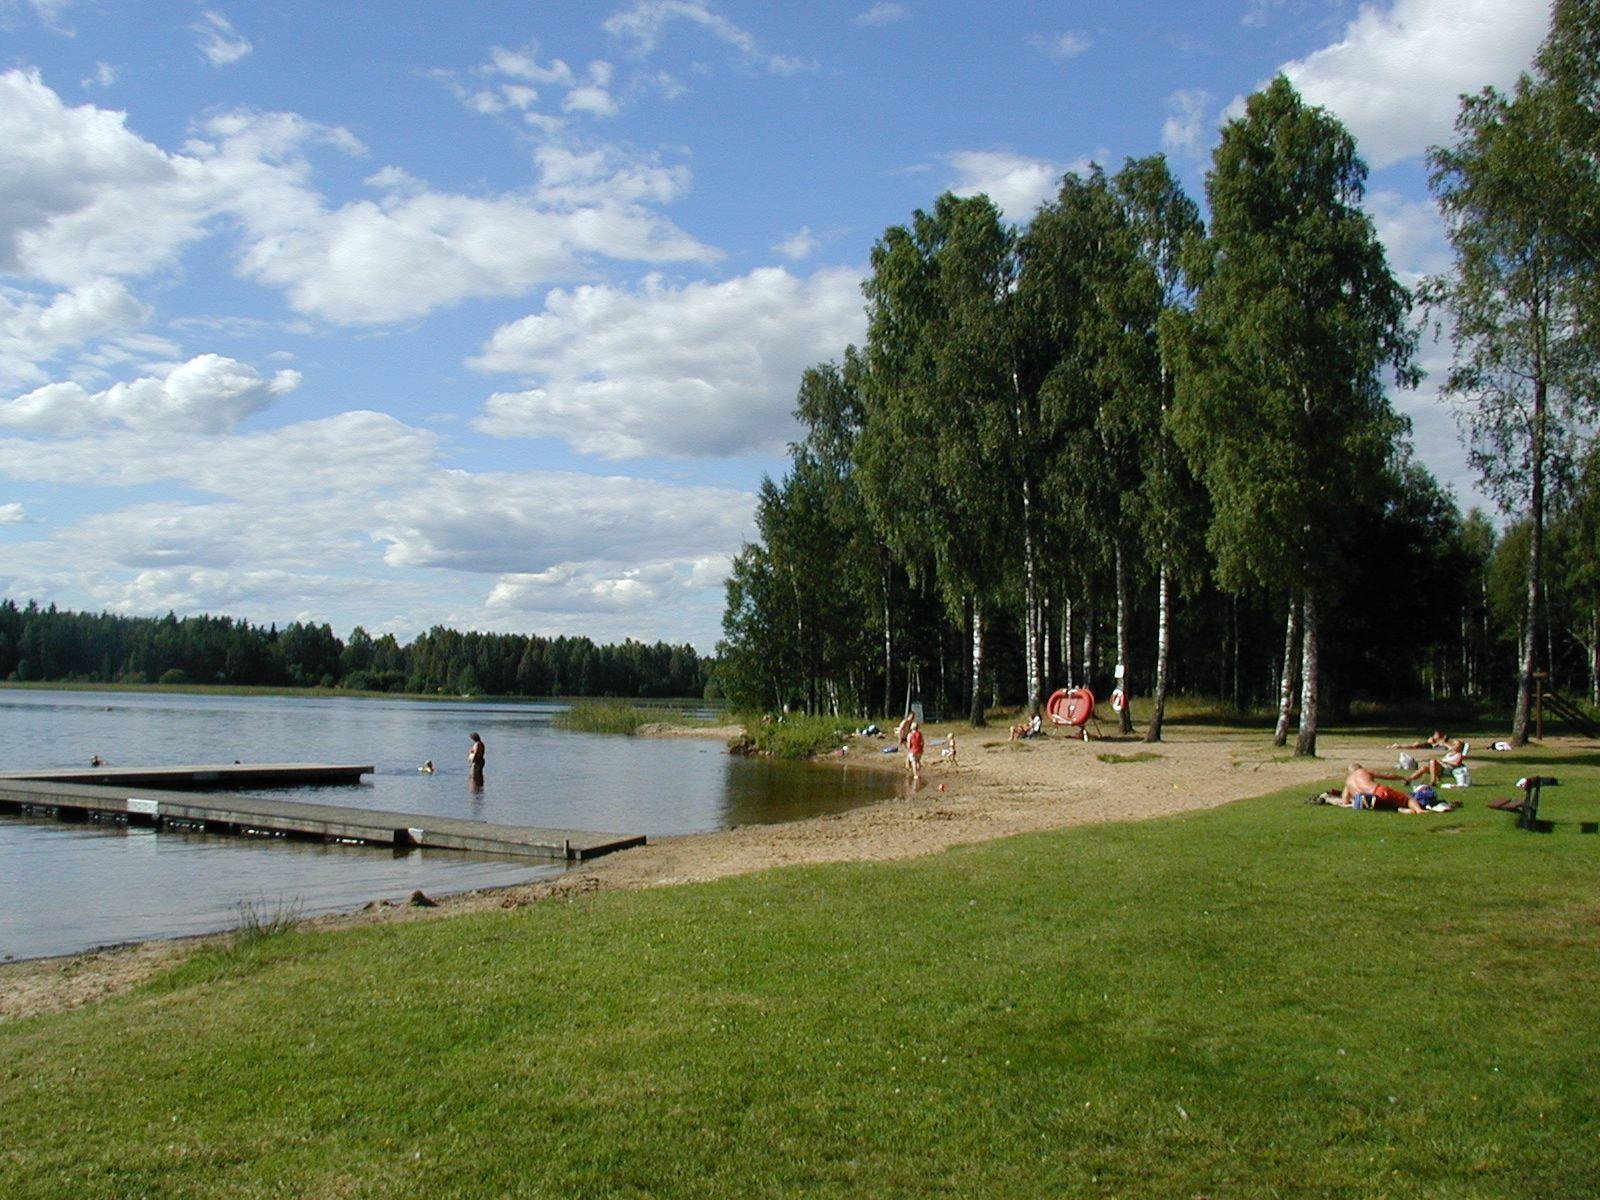 Bada i Linnesjön, Vaggeryds kommun